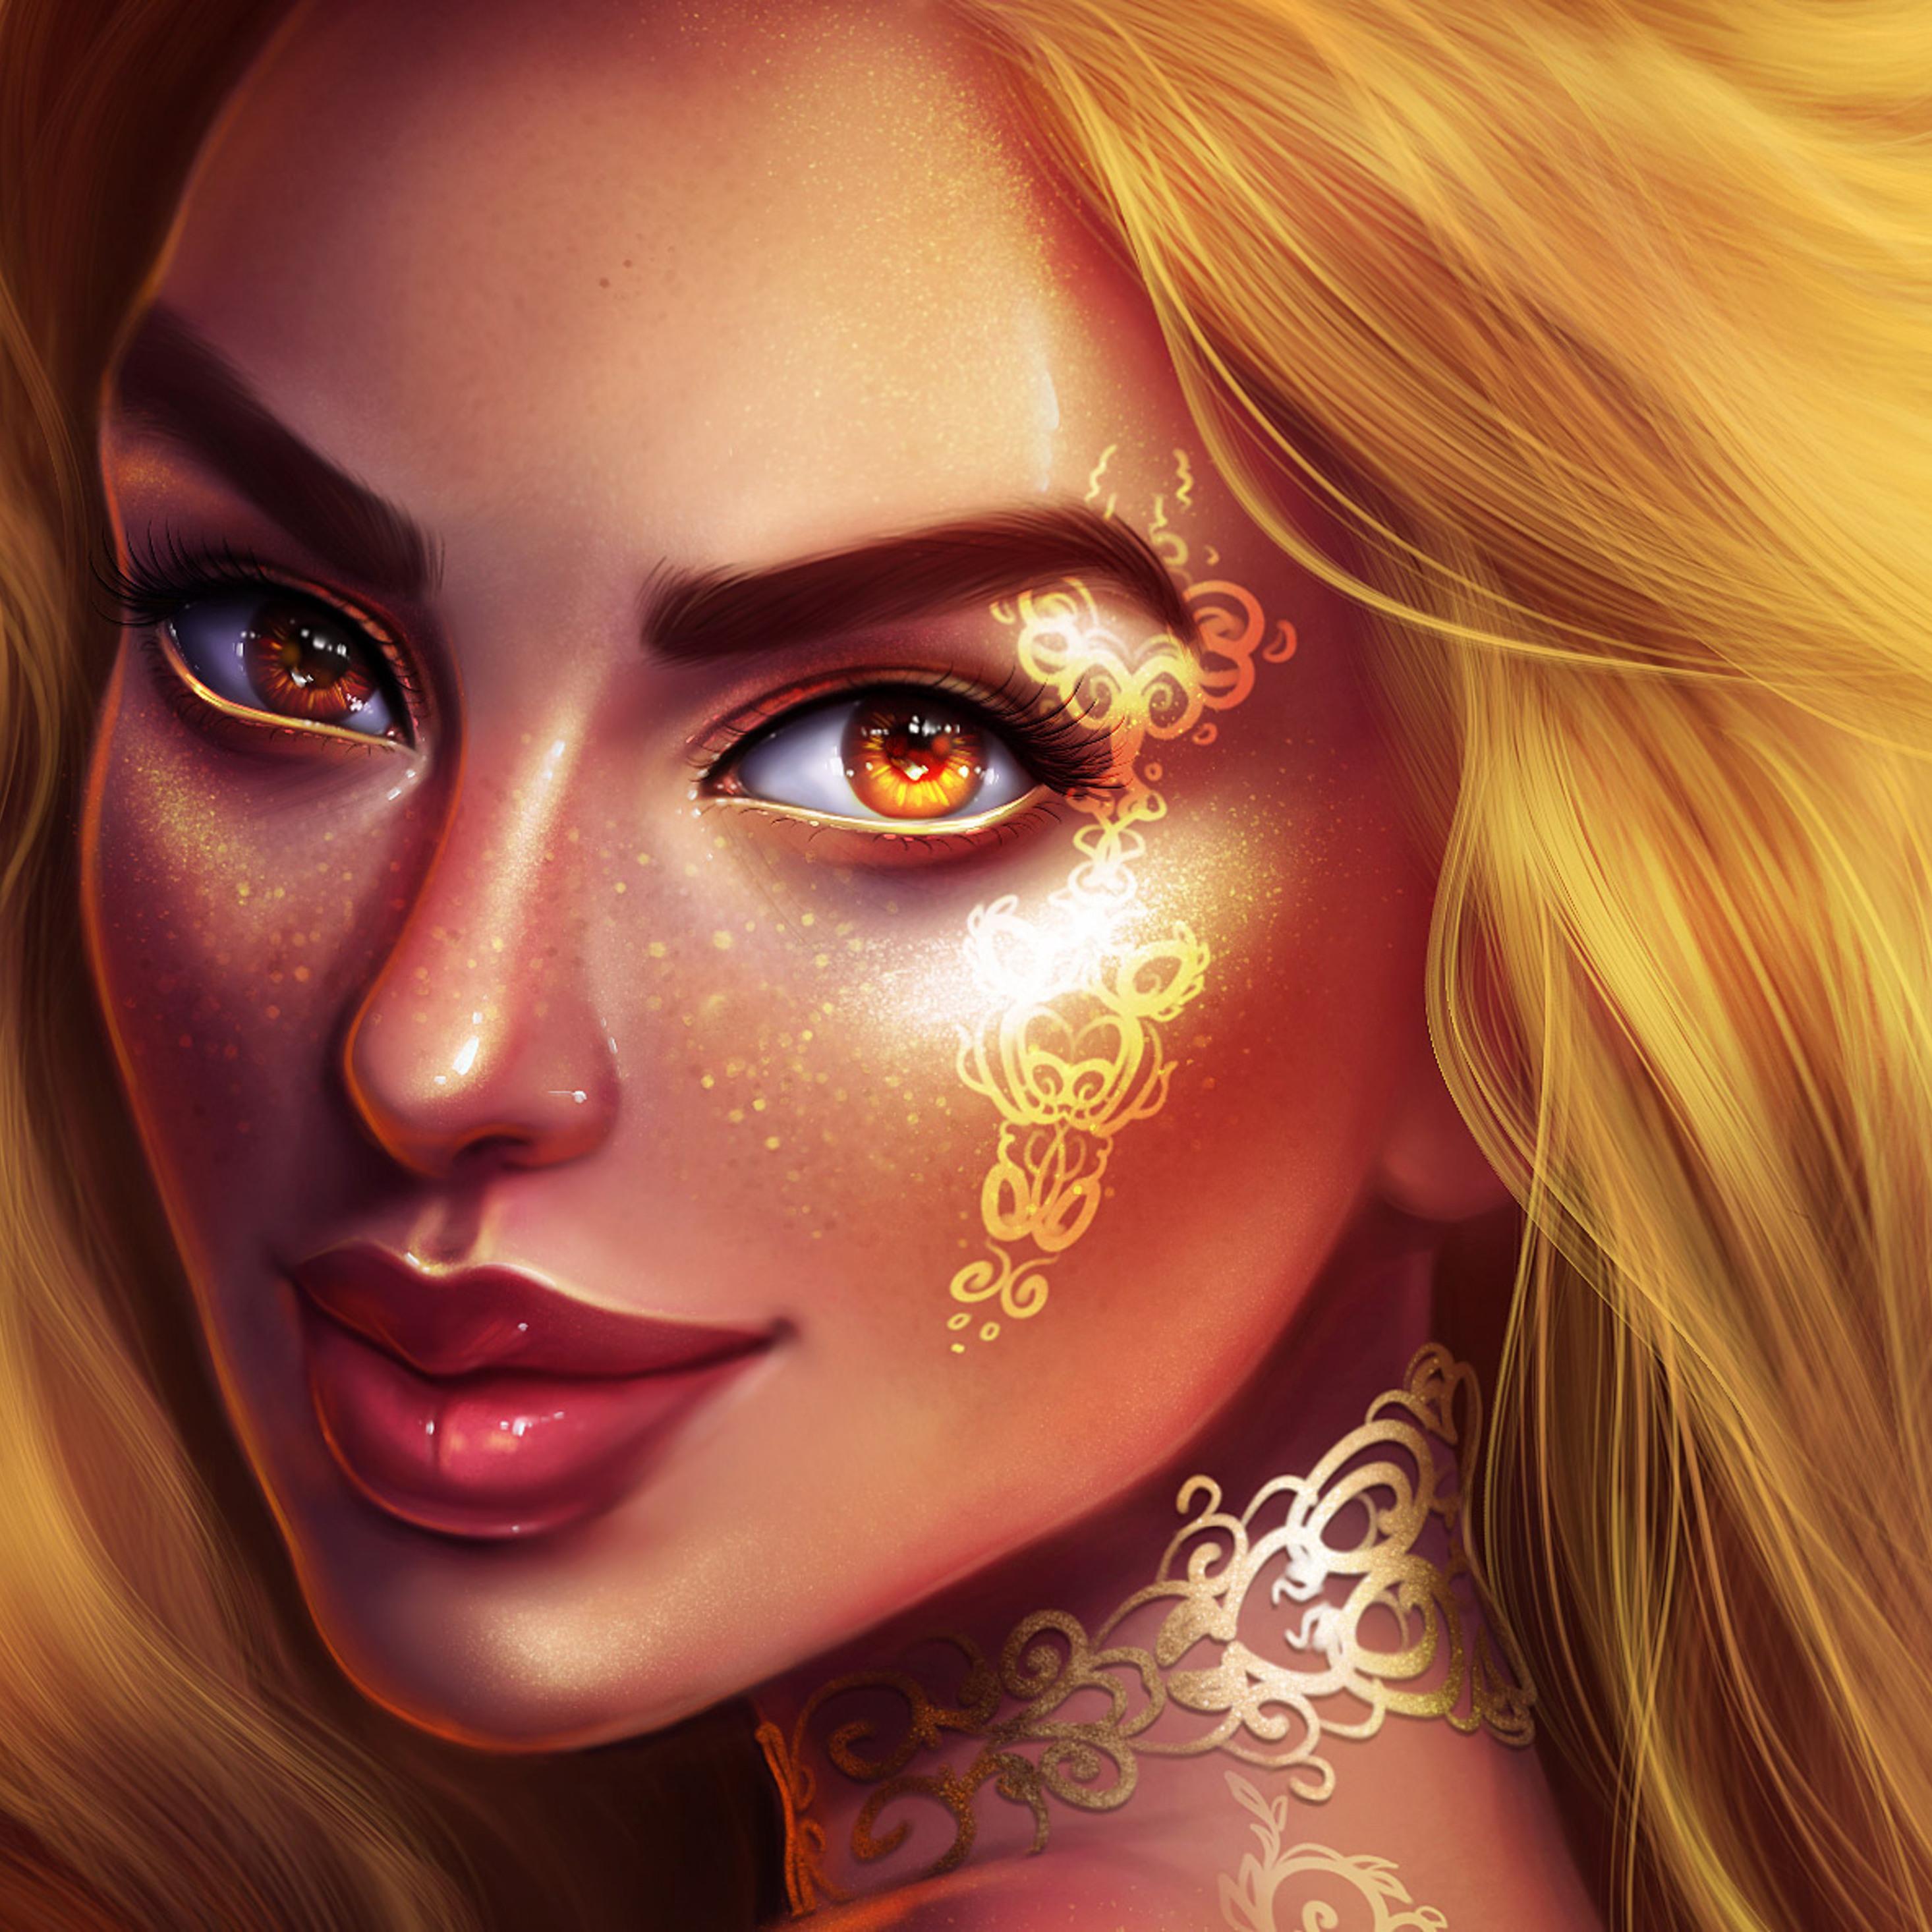 golden-fantasy-girl-portrait-jn.jpg